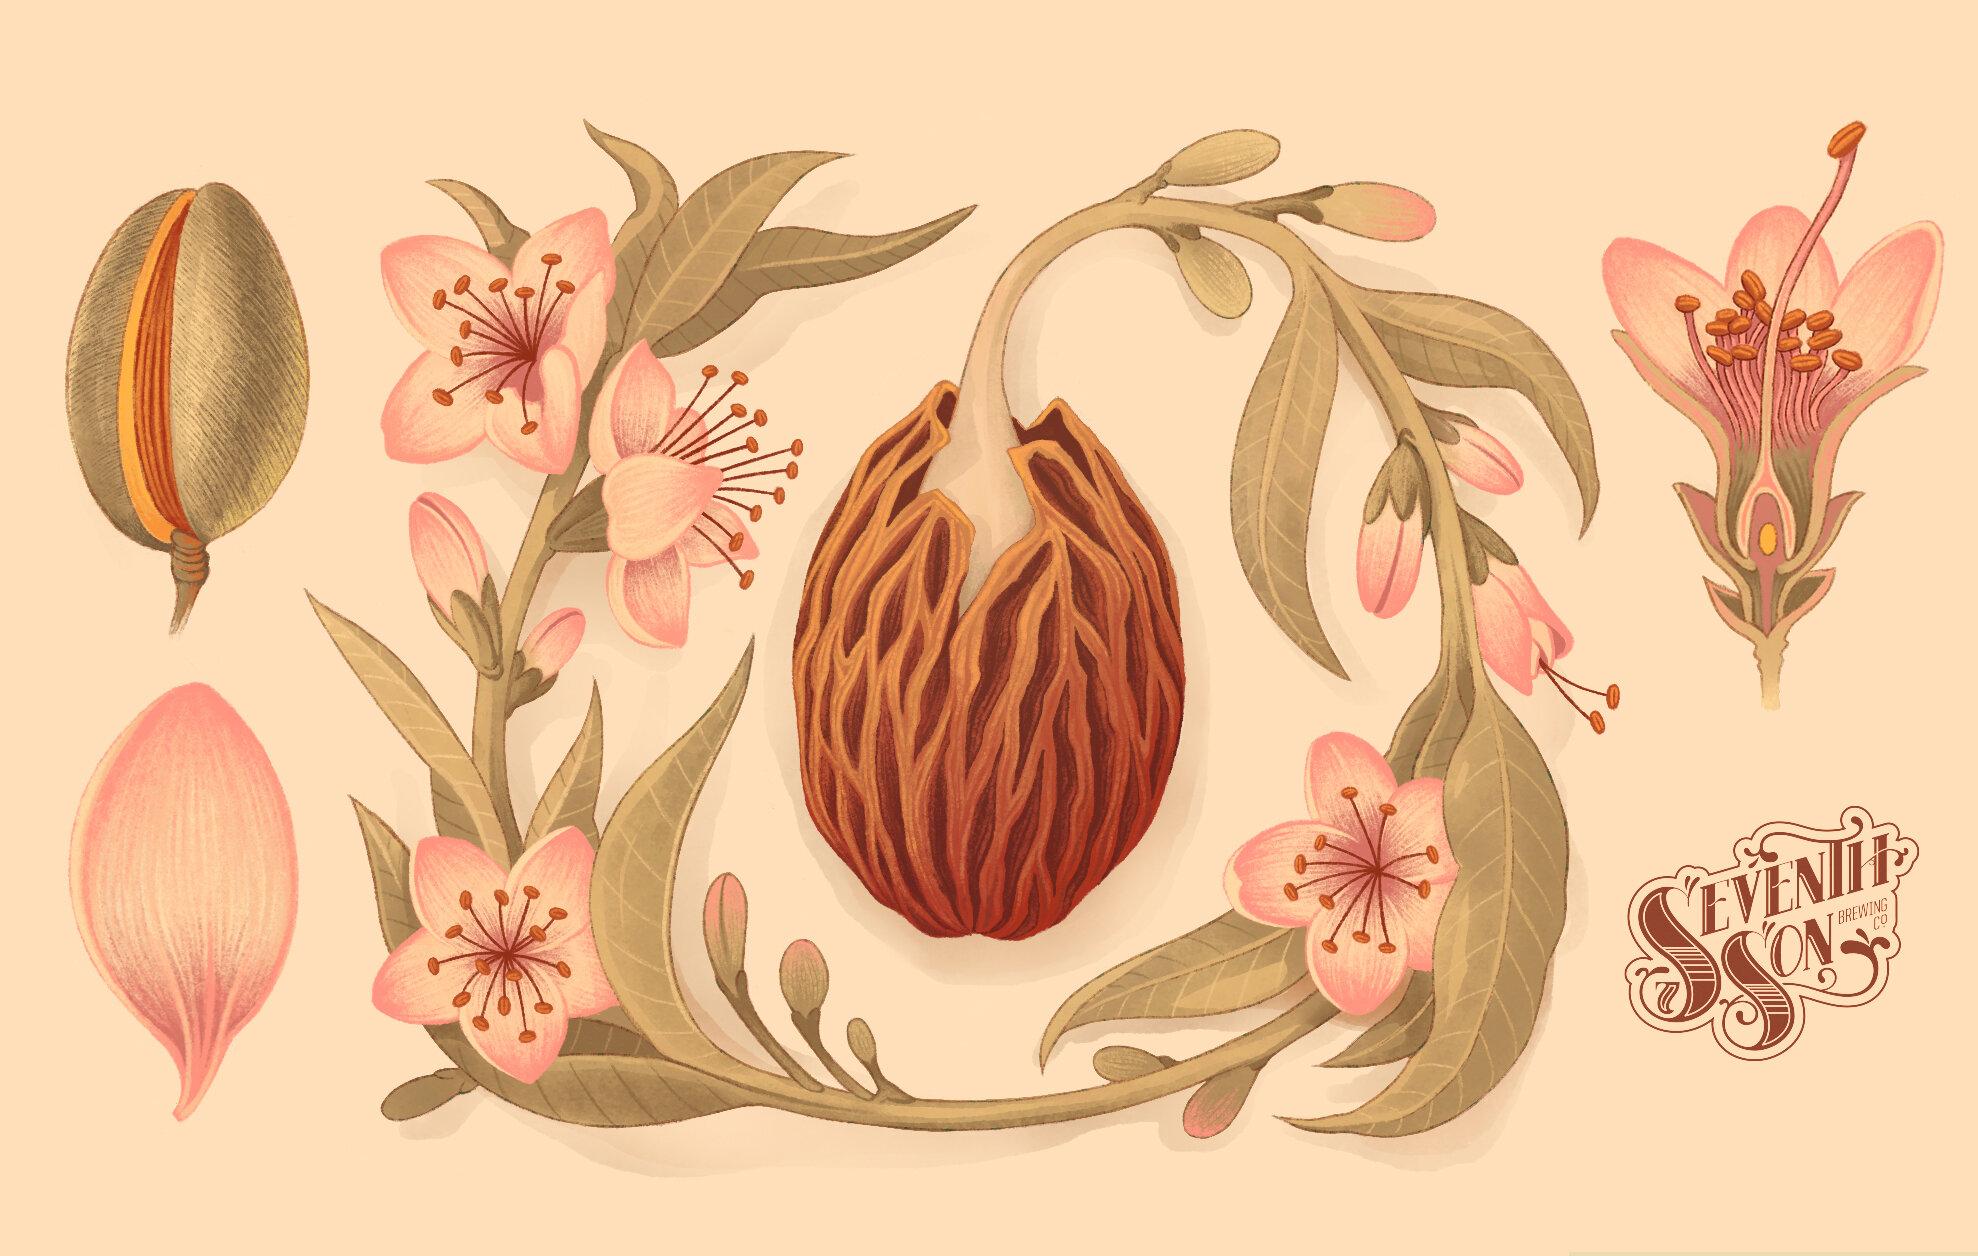 Peach Blossom - 2019